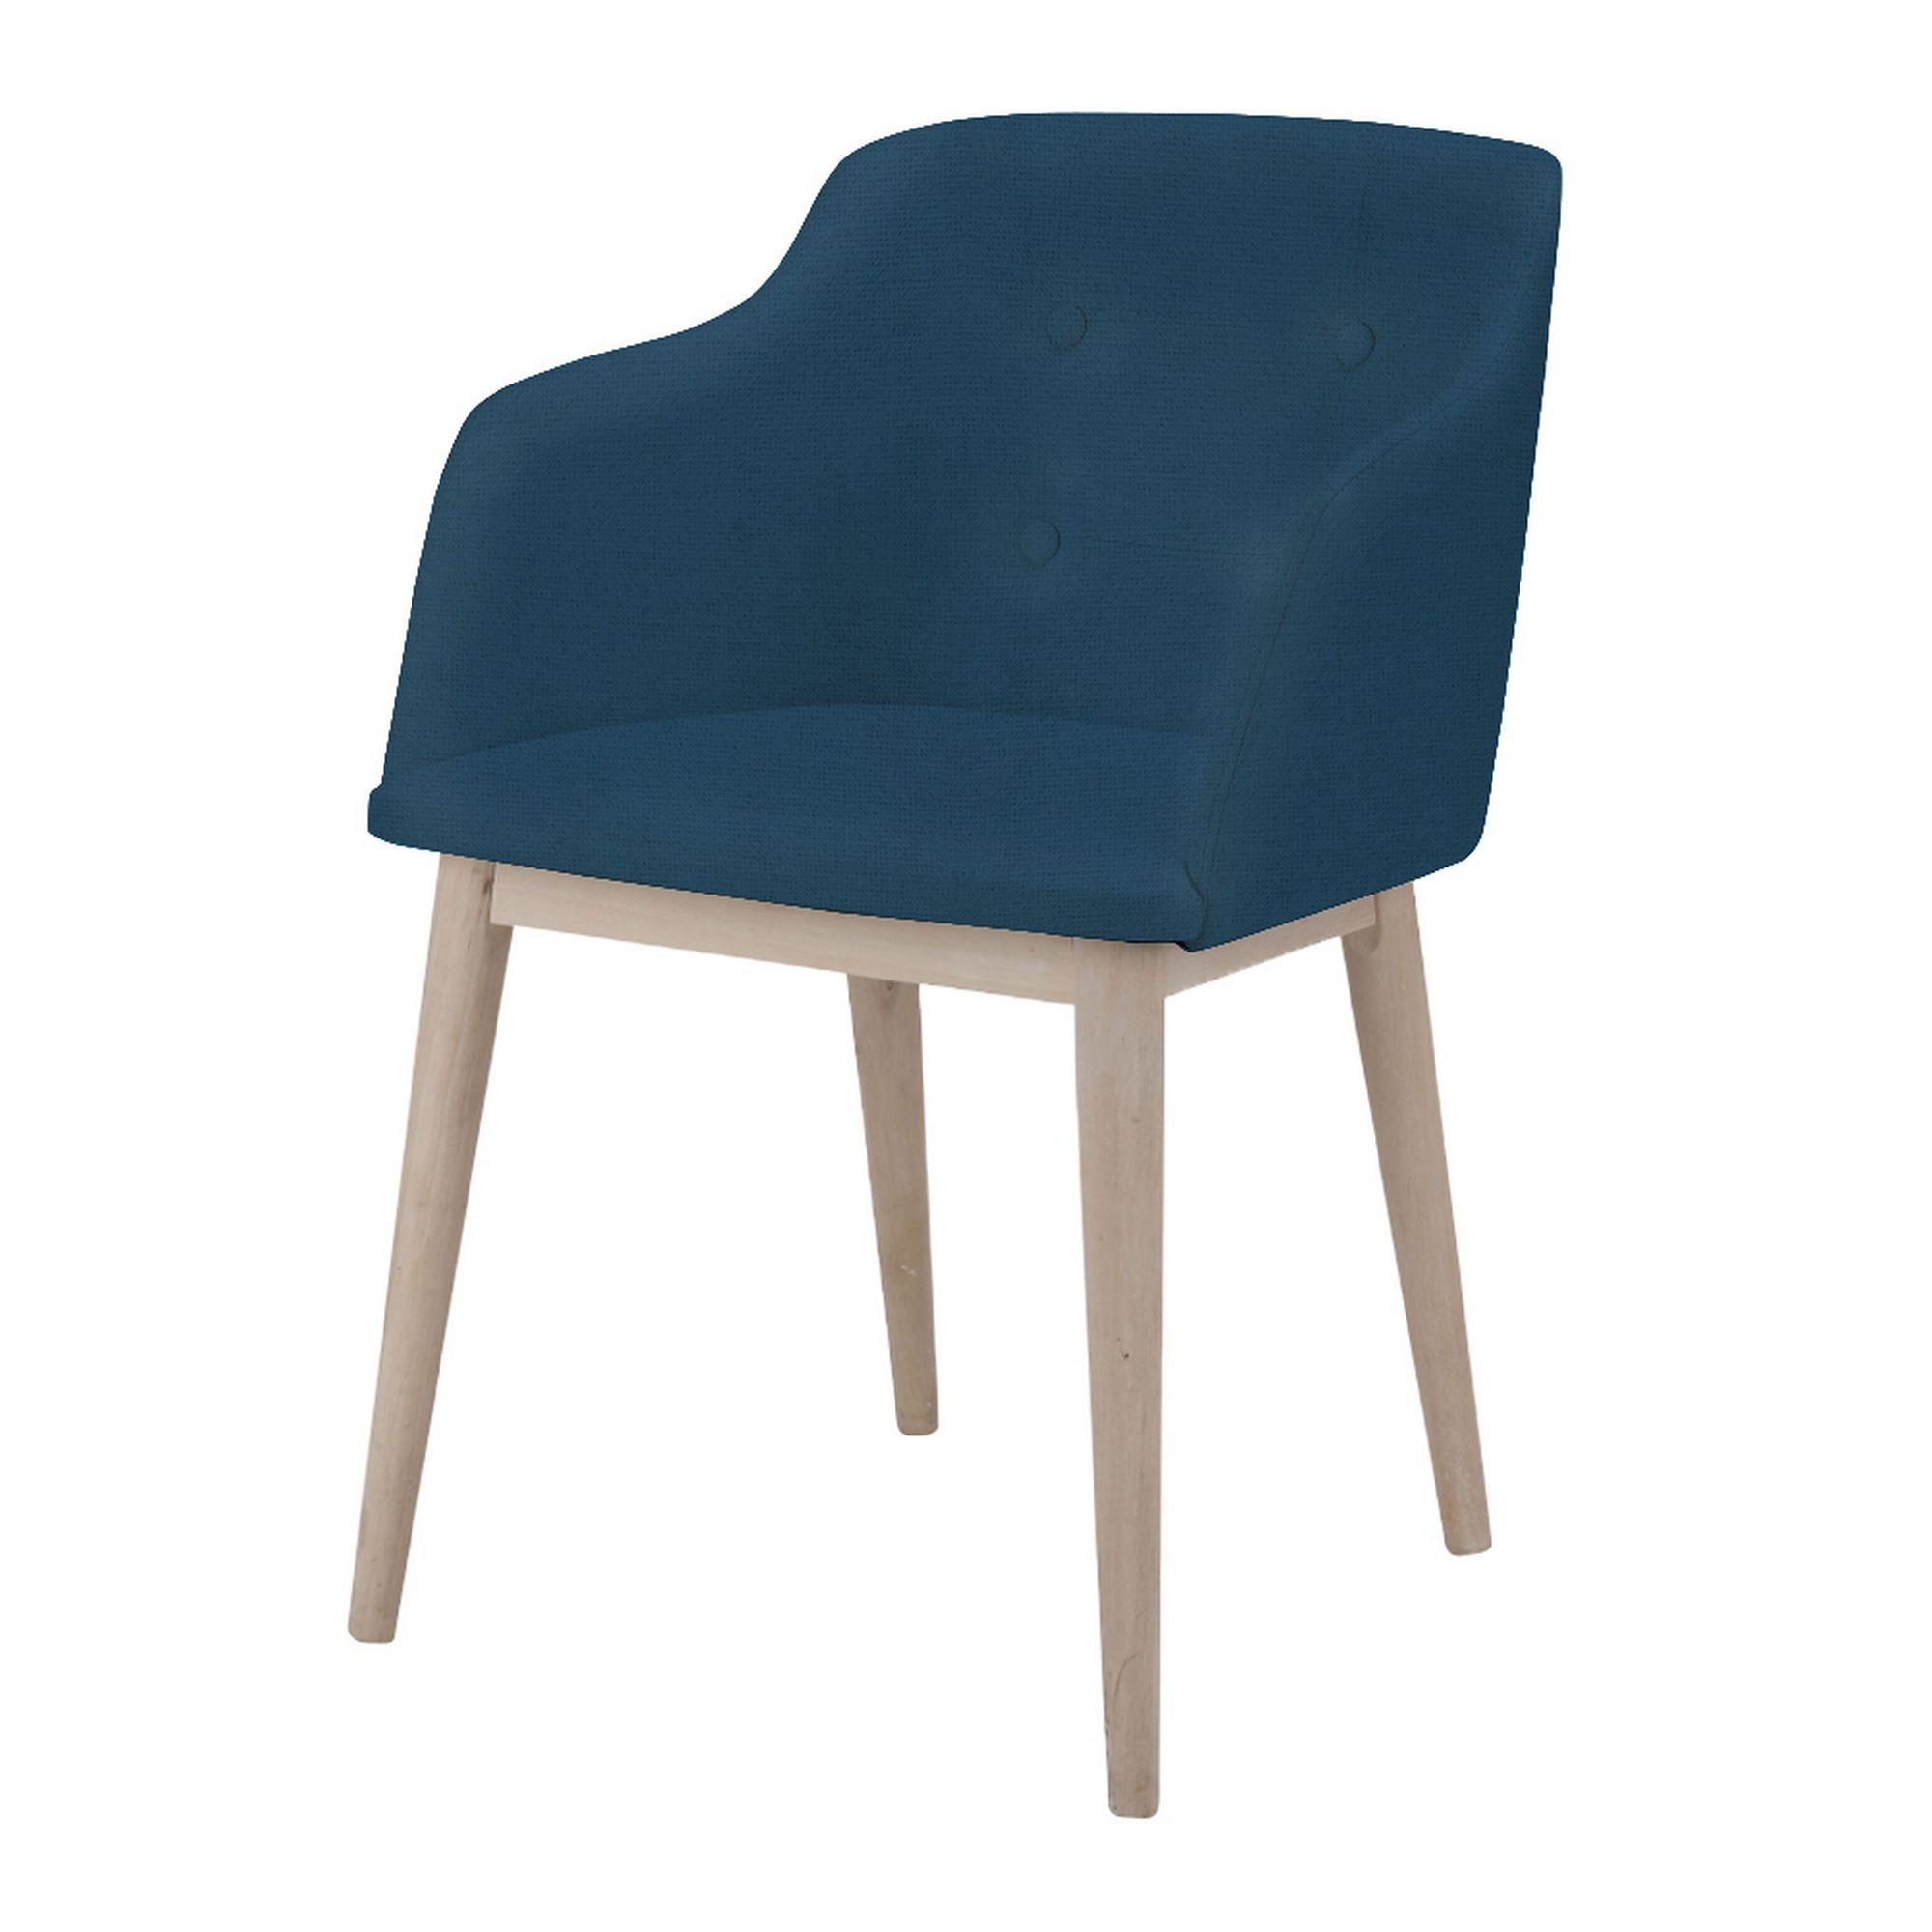 Chaise De Séjour Capitonnée Bleue Foncée Cork ChaisesTables - Chaise salle a manger confortable